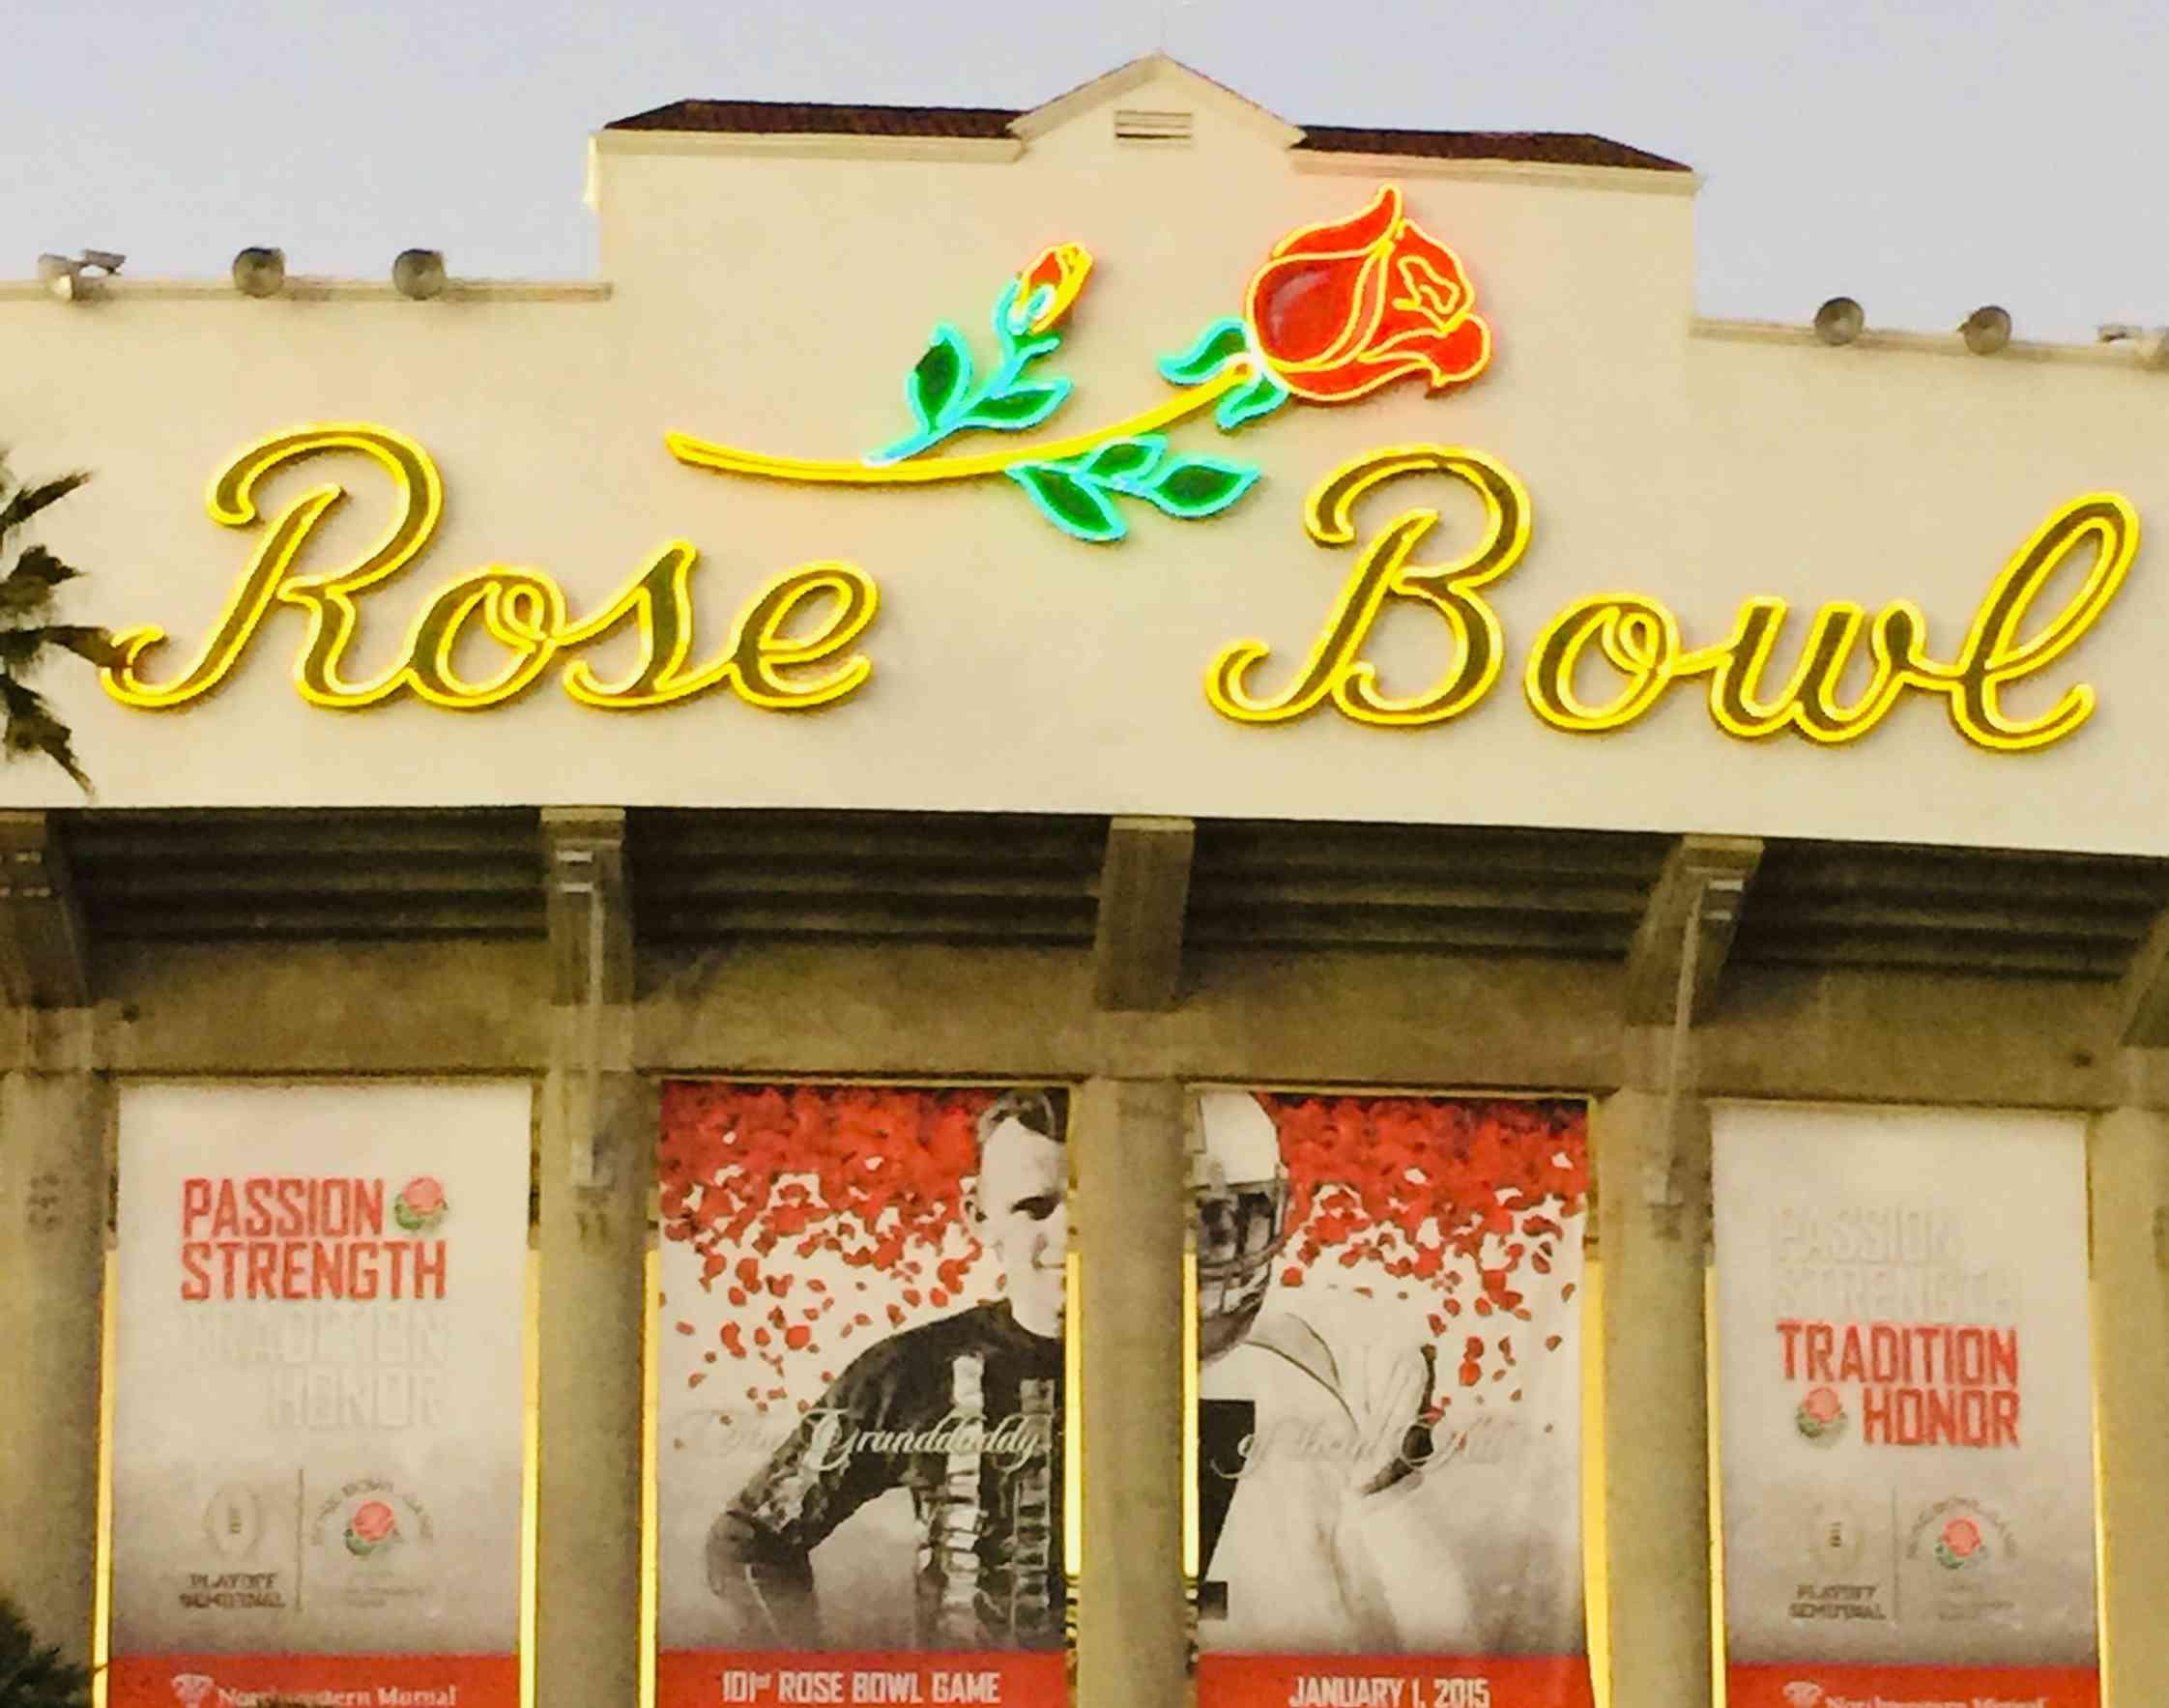 The Rose Bowl Stadium